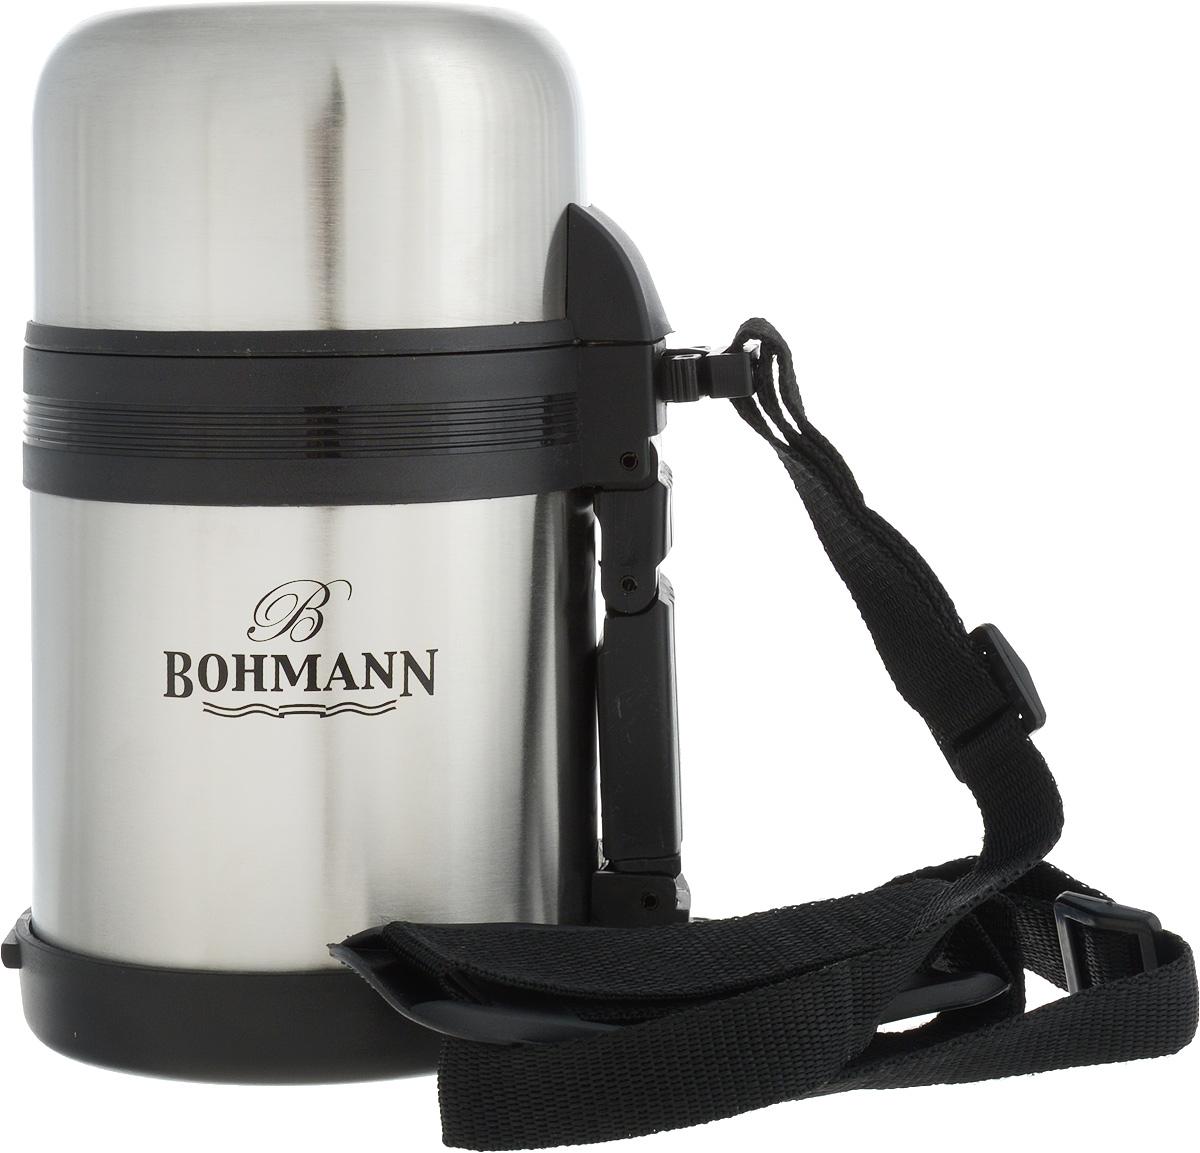 Термос Bohmann, цвет: стальной, черный, 0,6 лVT-1520(SR)Дорожный термос Bohmann выполнен из нержавеющей стали с матовой полировкой. Двойные стенки сохраняют температуру напитков длительное время. Внутренняя колба выполнена из высококачественной нержавеющей стали. Термос снабжен плотно прилегающей закручивающейся пластиковой пробкой с нажимным клапаном и укомплектован теплоизолированной крышкой, которую можно использовать как чашку. Для того чтобы налить содержимое термоса нет необходимости откручивать пробку. Достаточно надавить на клапан, расположенный в центре.Изделие оснащено эргономичной ручкой и съемным ремнем для удобной переноски, который регулируется по длине.Удобный термос Bohmann станет незаменимым спутником в ваших поездках.Высота термоса (с учетом крышки): 18,5 см.Диаметр горлышка: 7,5 см.Диаметр чашки (по верхнему краю): 9,5 см.Высота чашки: 5,7 см.Ширина ремня: 2 см.